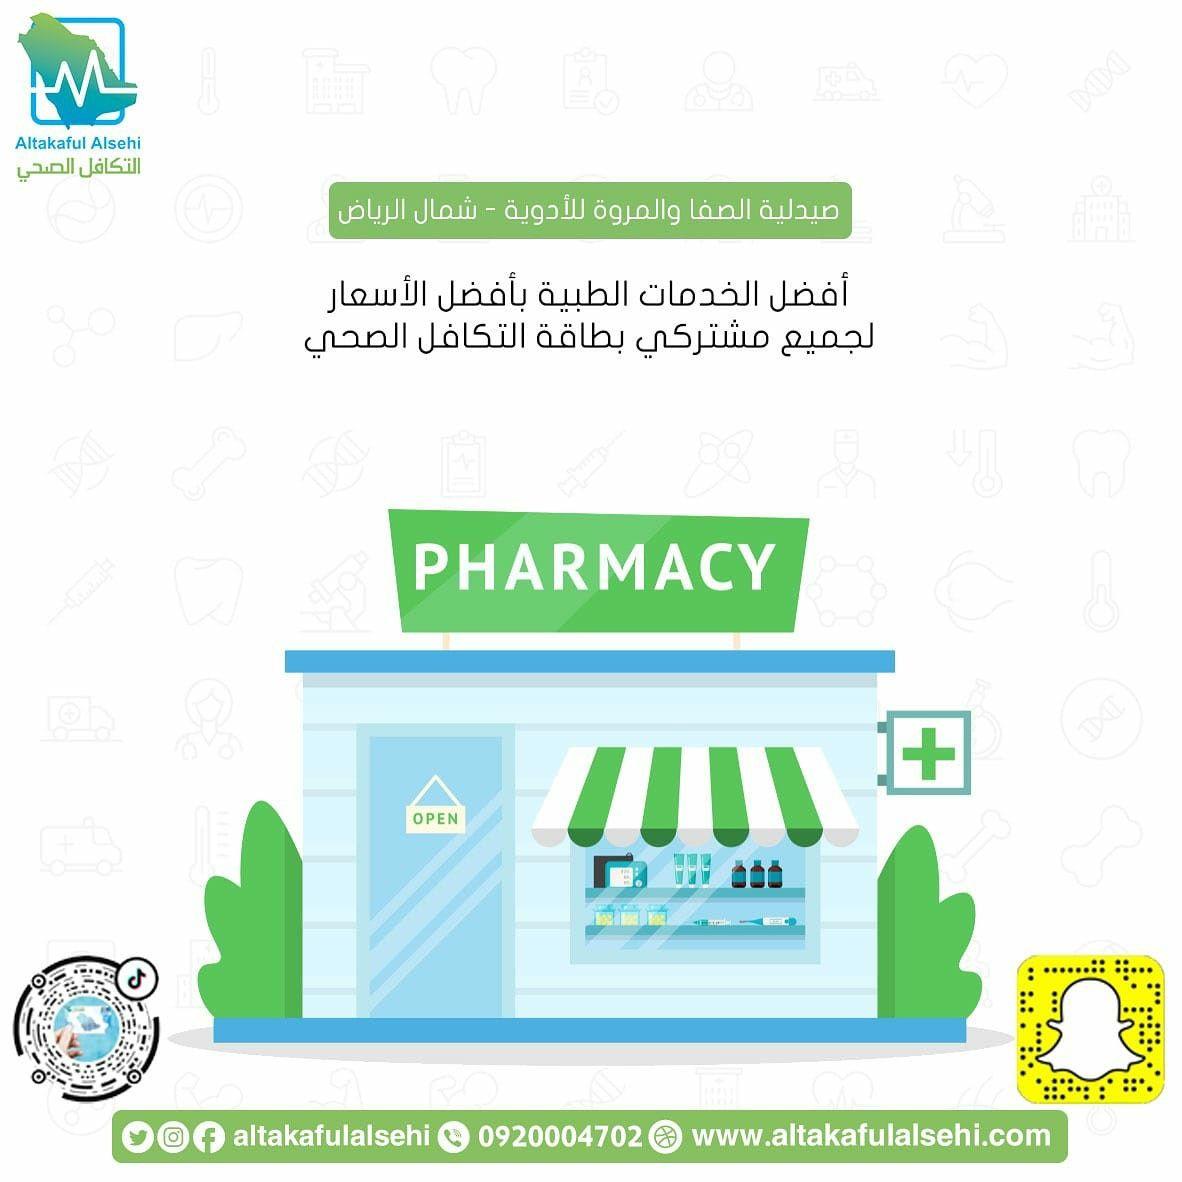 احصل على خصم 7 على الأدوية ما عدا الحليب والحفائض أطفال أو نسائية مع بطاقة التكافل الصحي من صيدلية الصفا والمروة Pharmacy Health Insurance Personal Care